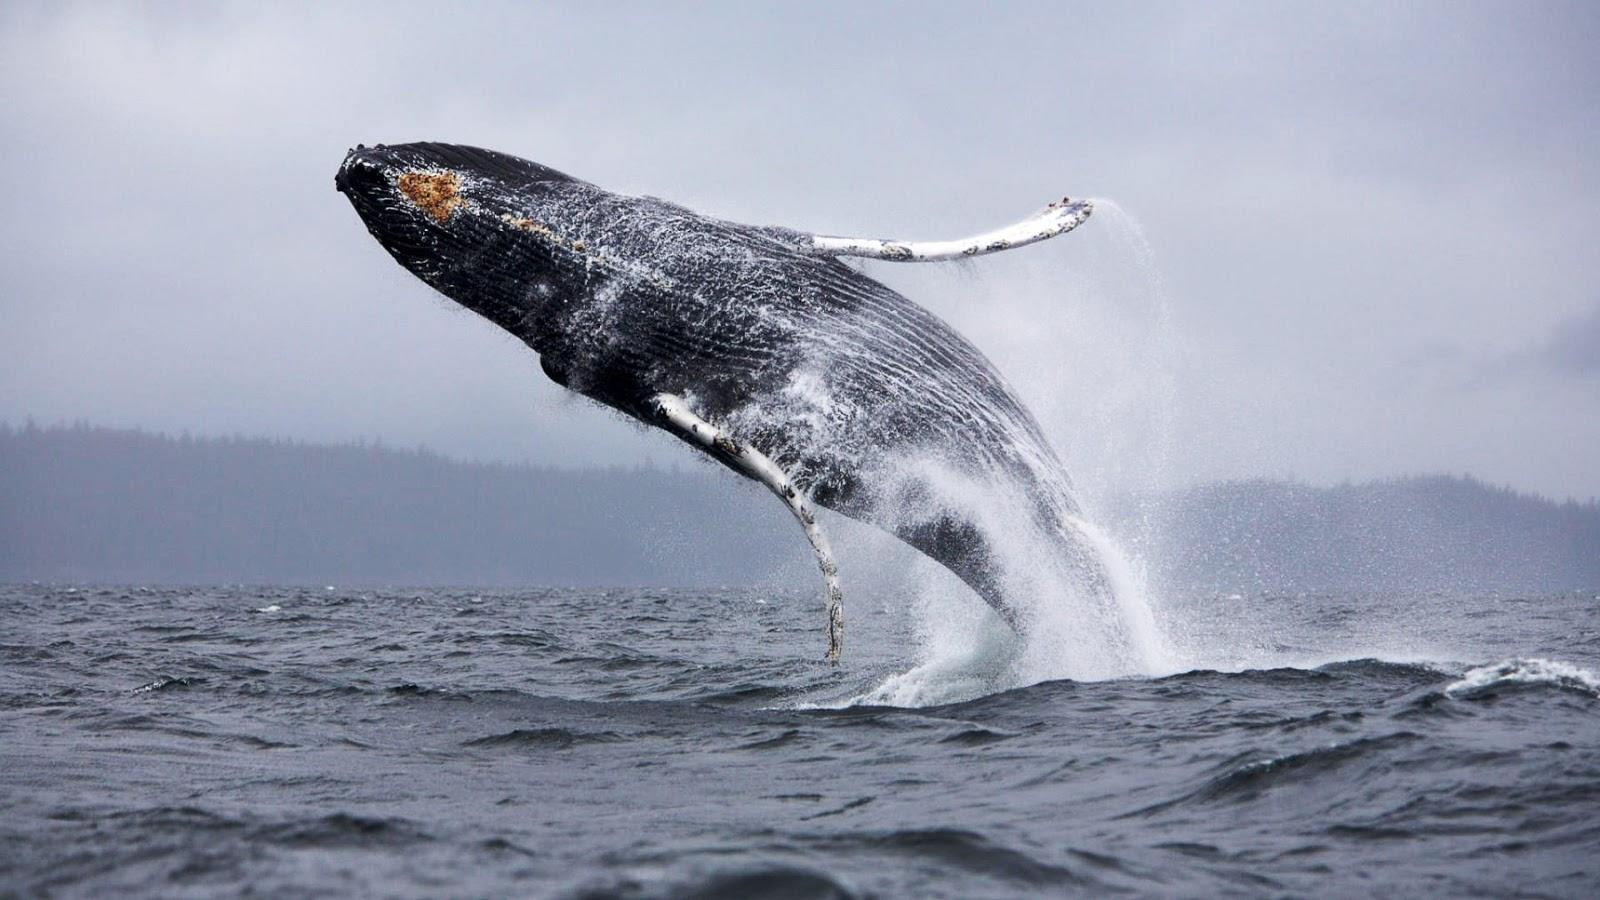 HD Wallpapers Desktop: Whale HD Wallpapers